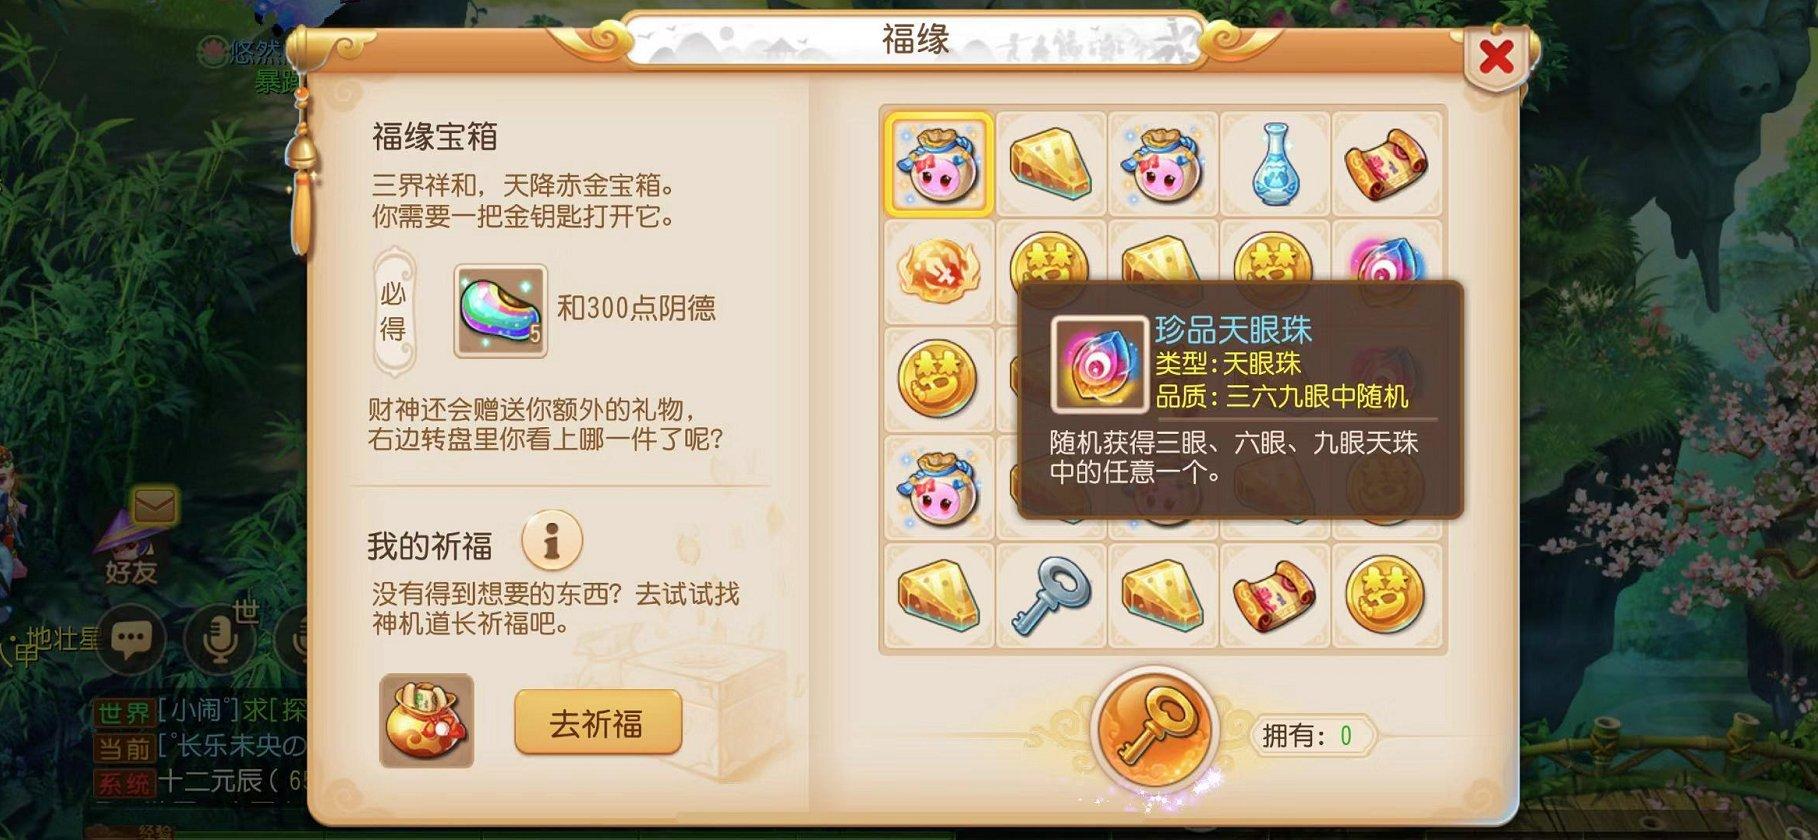 助力宠物培养,《梦幻西游》手游福缘·赤金宝箱全面焕新!